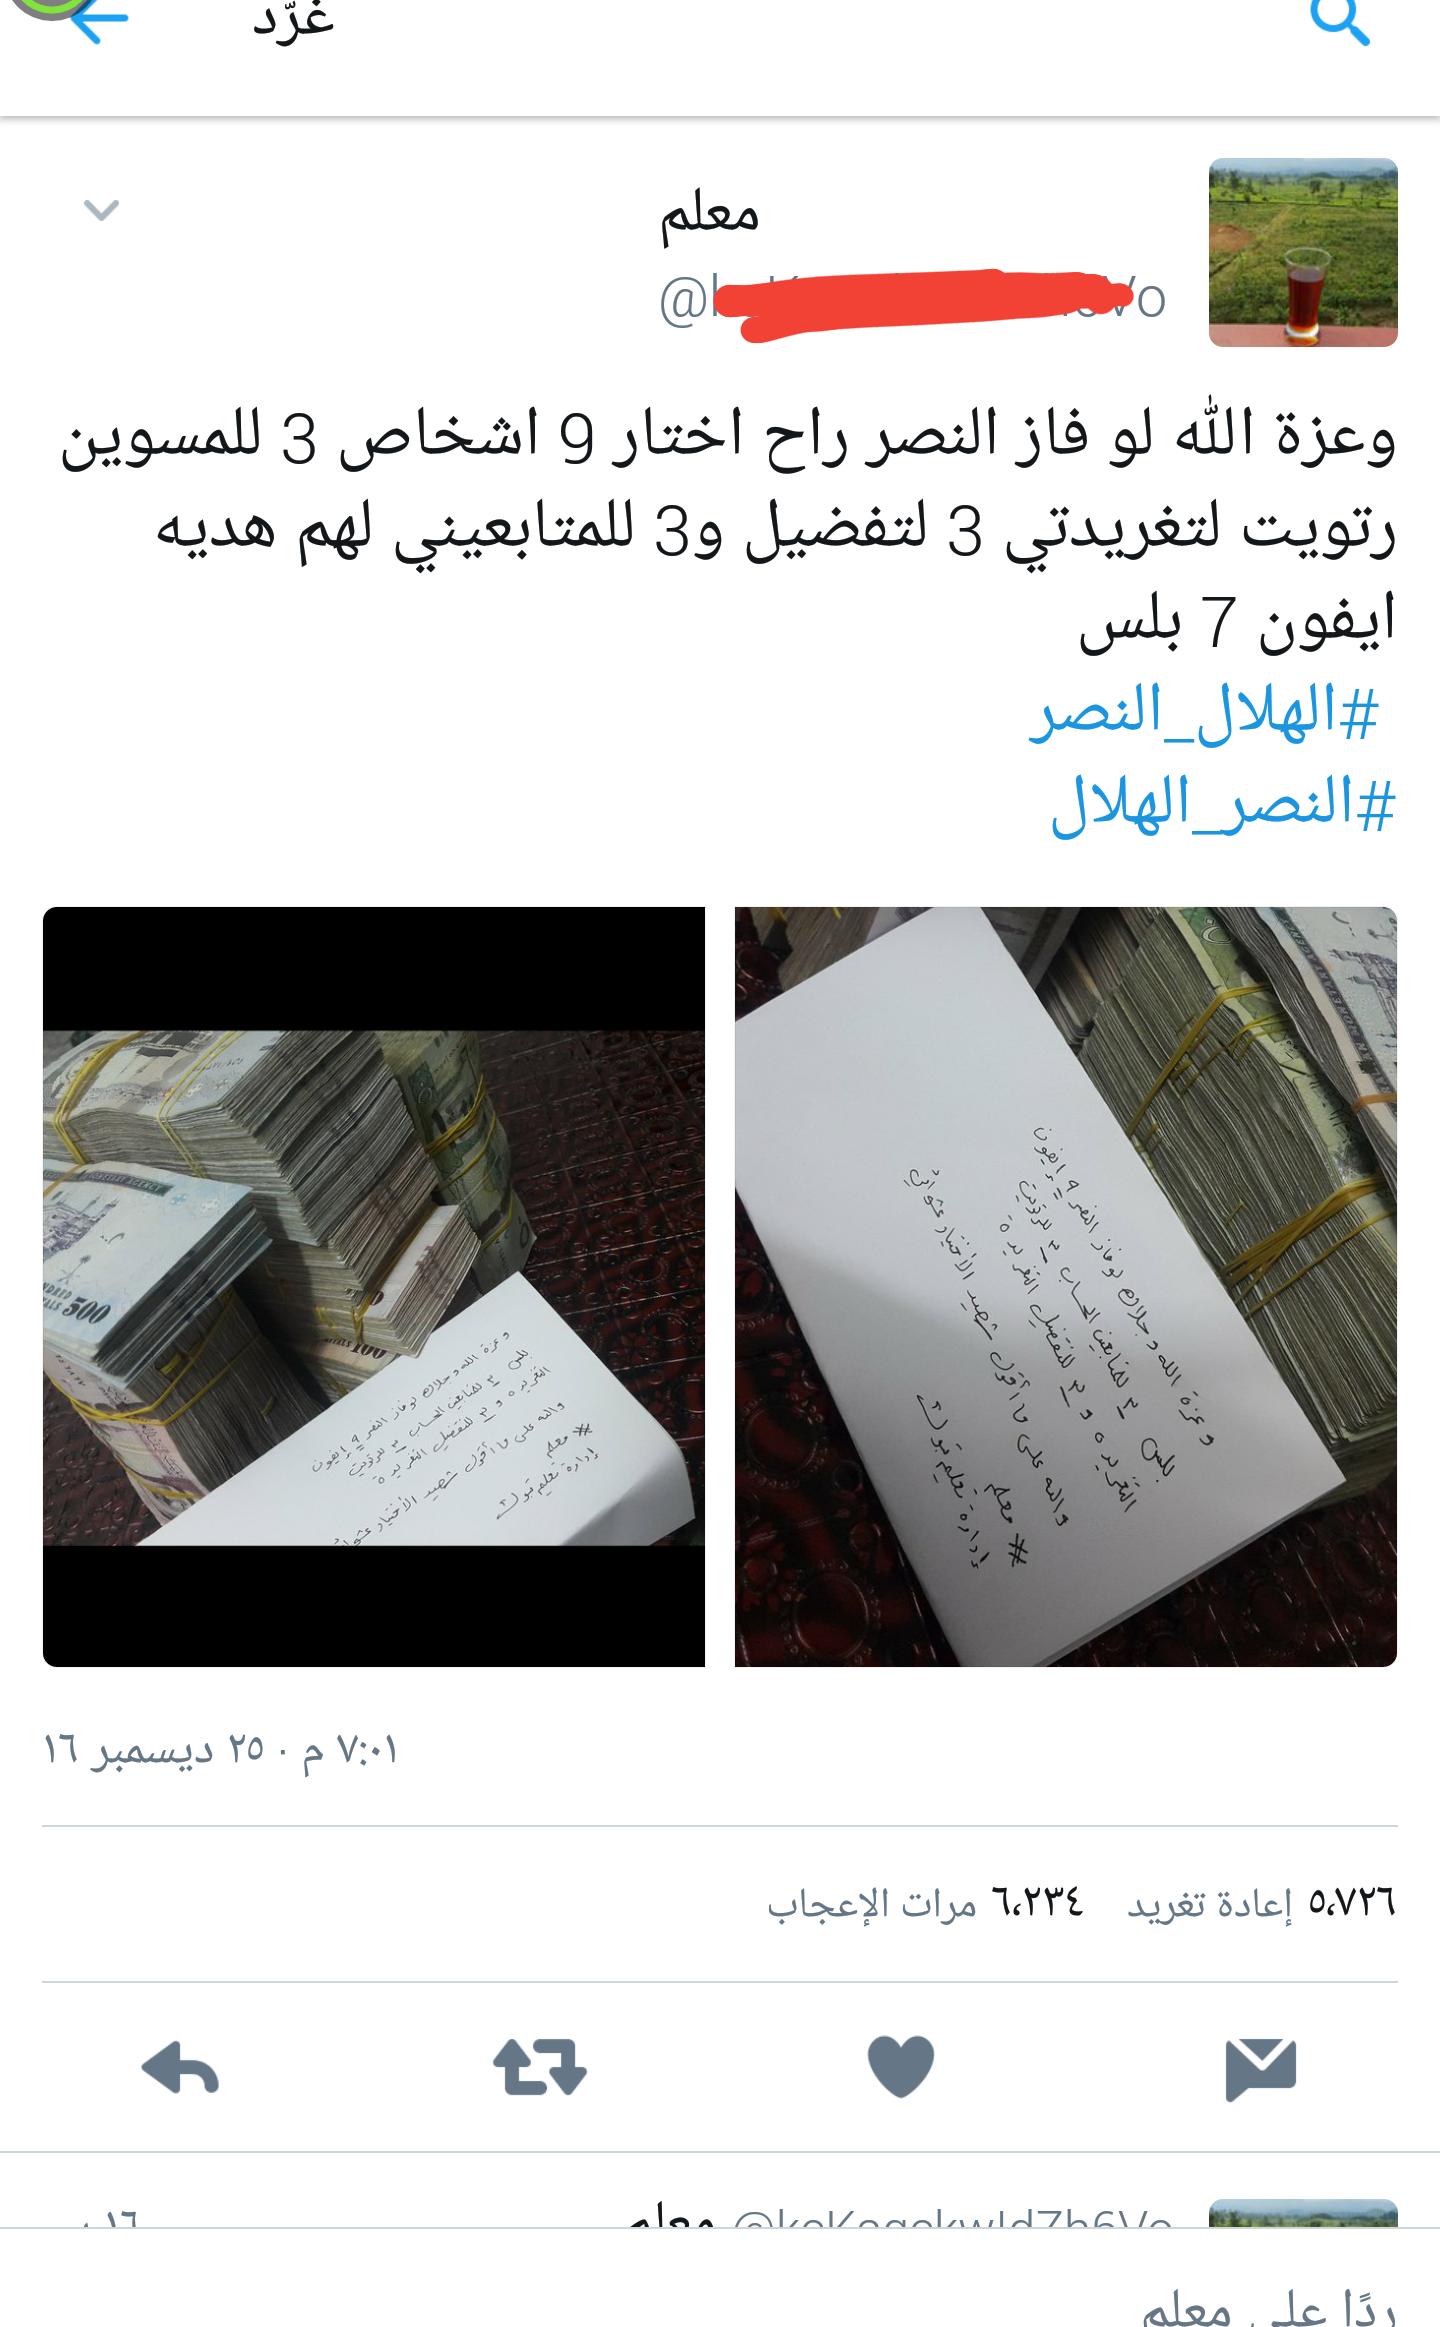 مشجع نصراوي يوزع على متابعينه جوالات ايفون